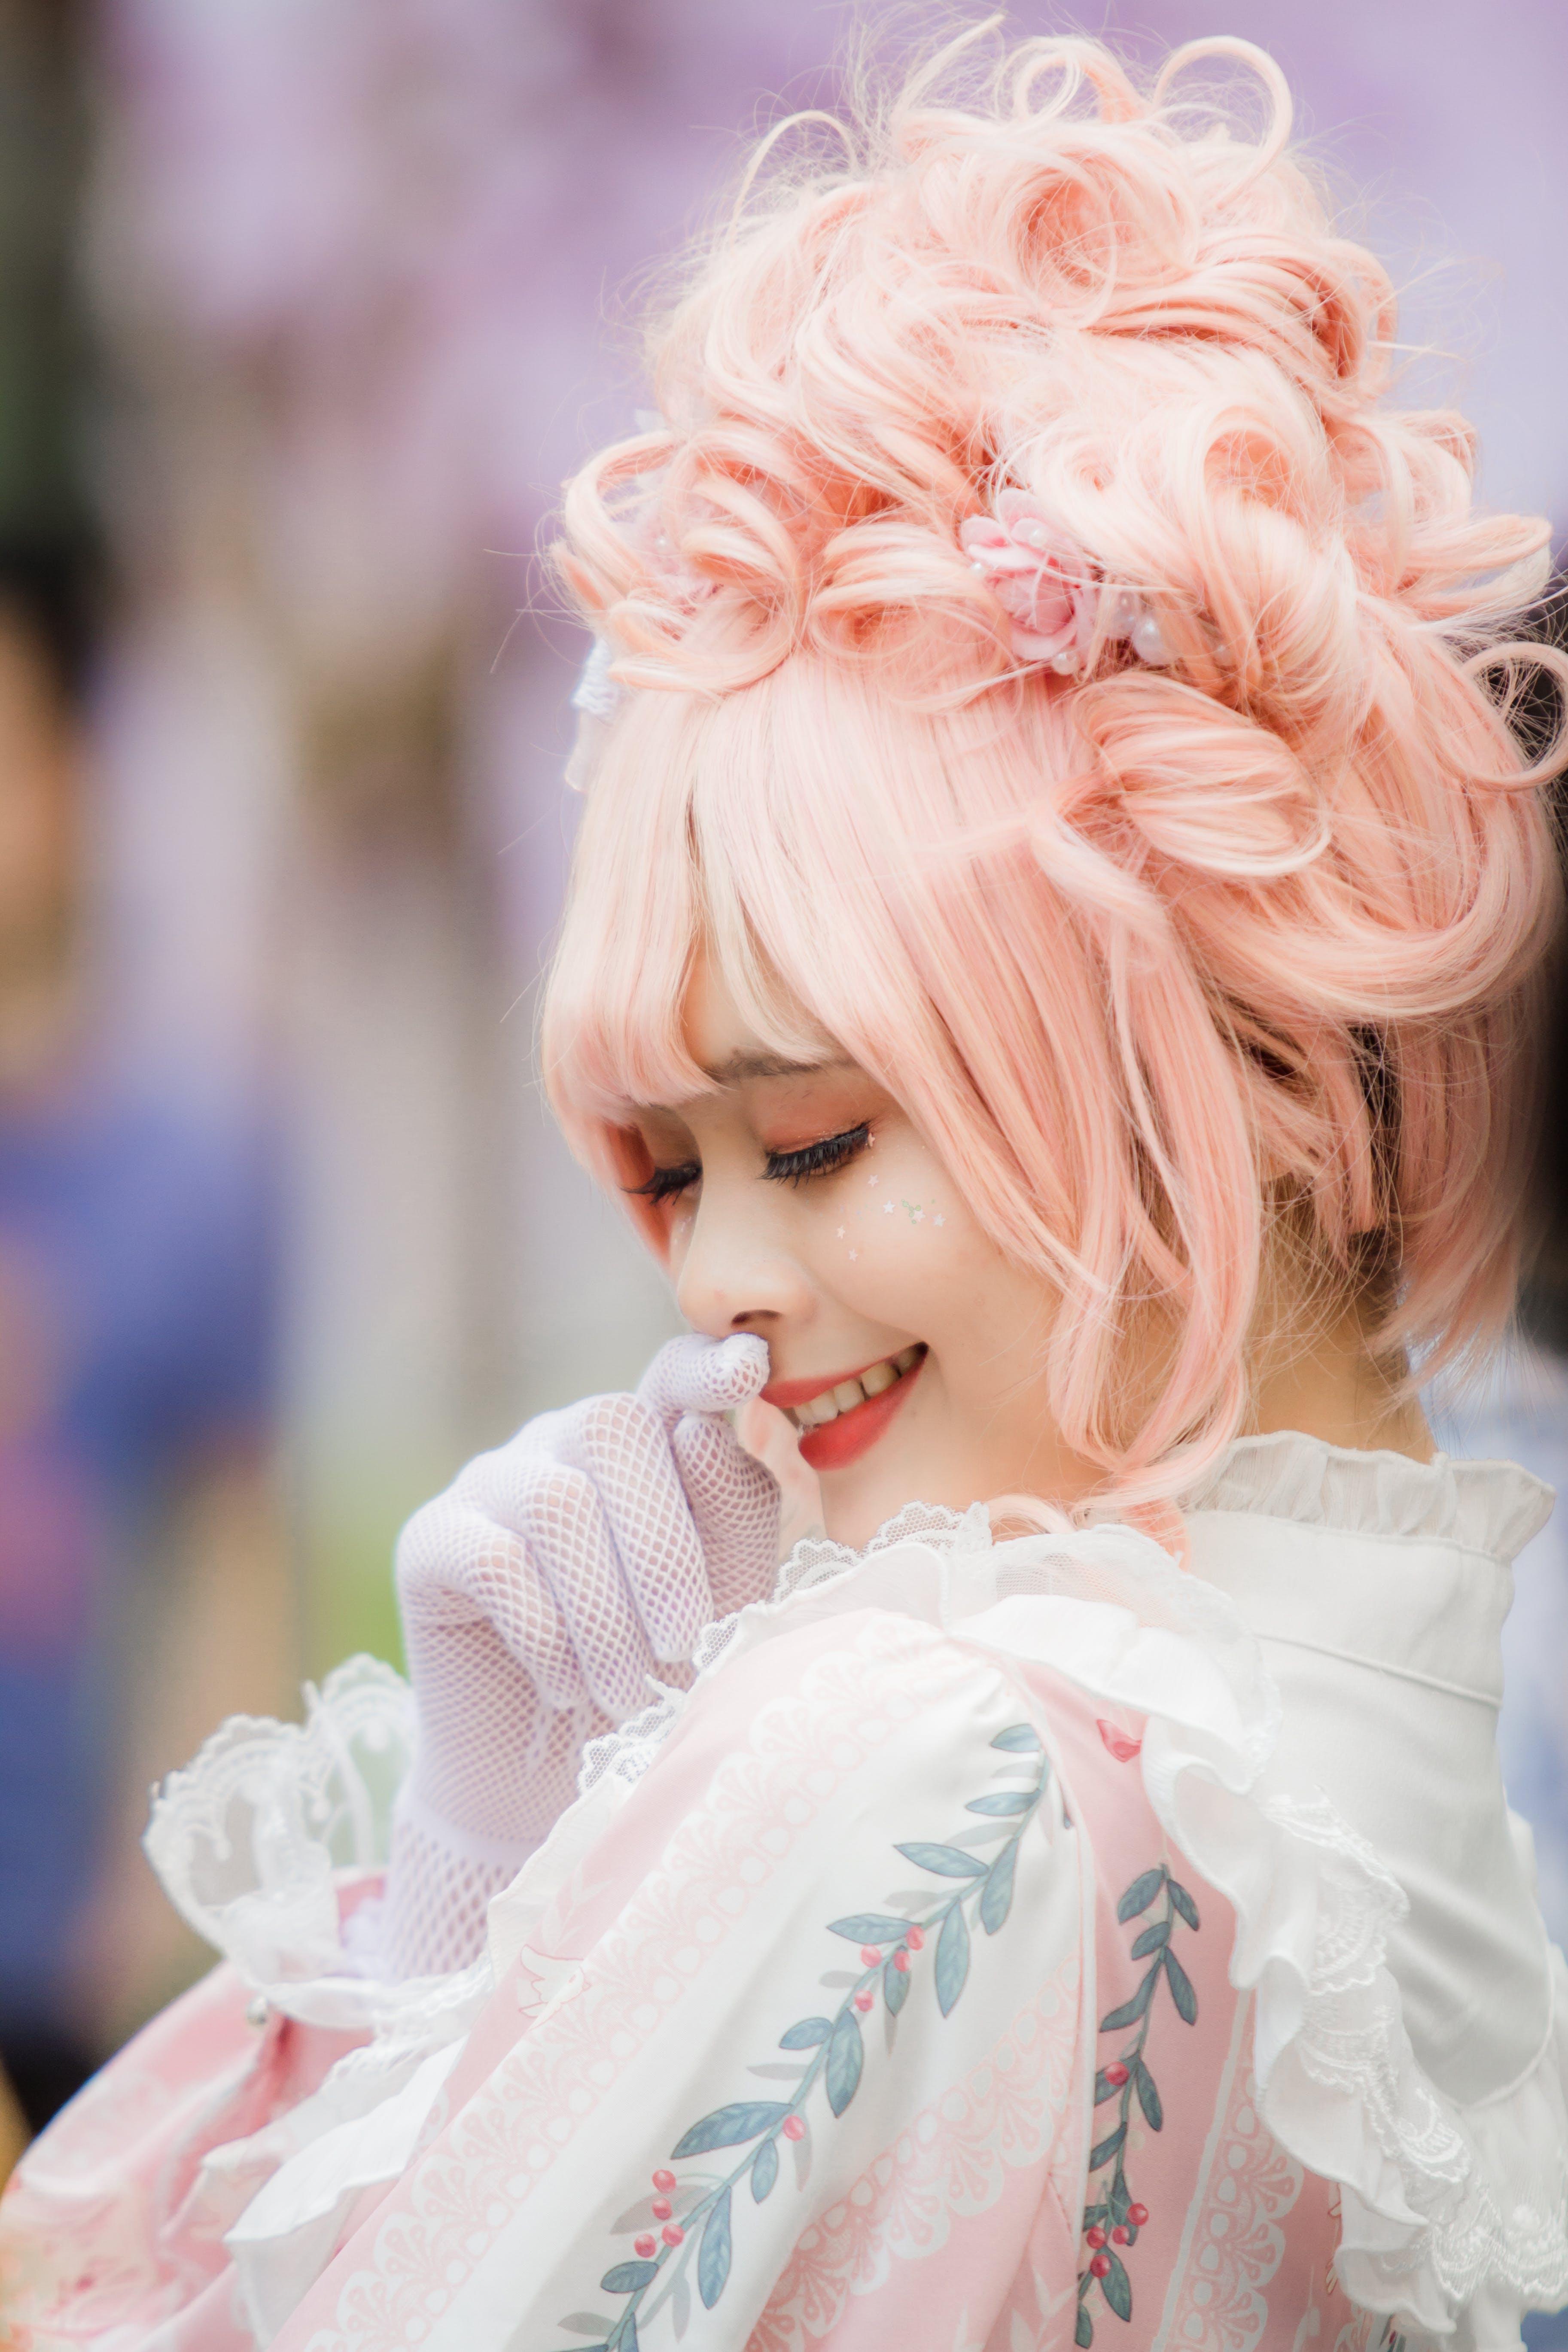 Δωρεάν στοκ φωτογραφιών με cosplay, άνθρωπος, βάθος πεδίου, γλυκούλι